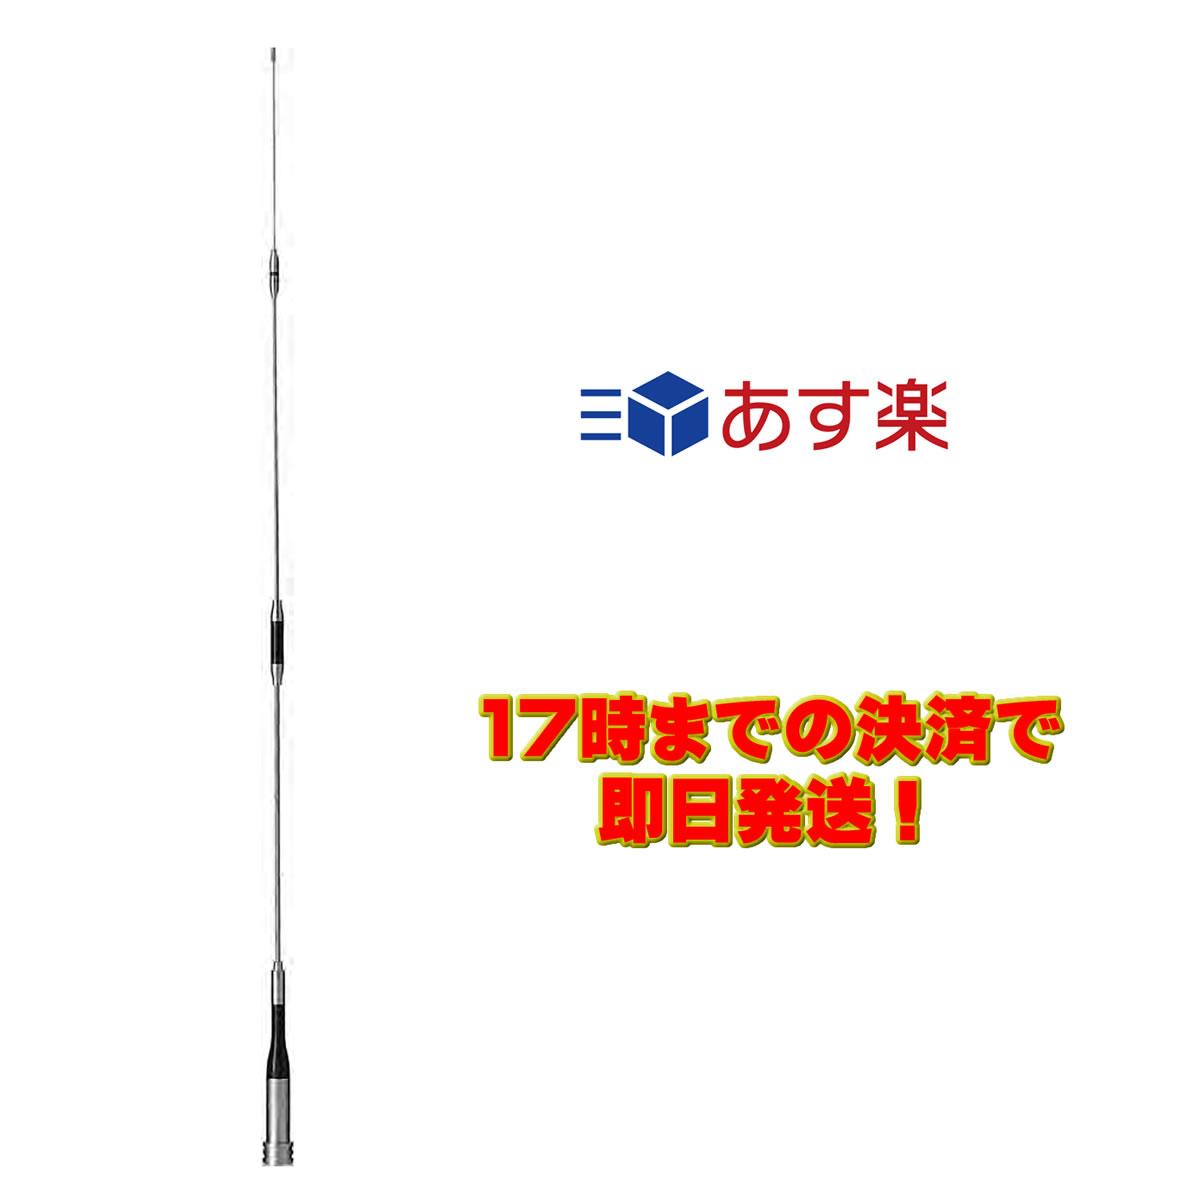 【ラッキーシール対応】 (レピーター対応型) ダイヤモンド SG7500 (300MHz帯受信対応) (D-STAR対応) 144/430MHz帯高利得2バンドモービルアンテナ